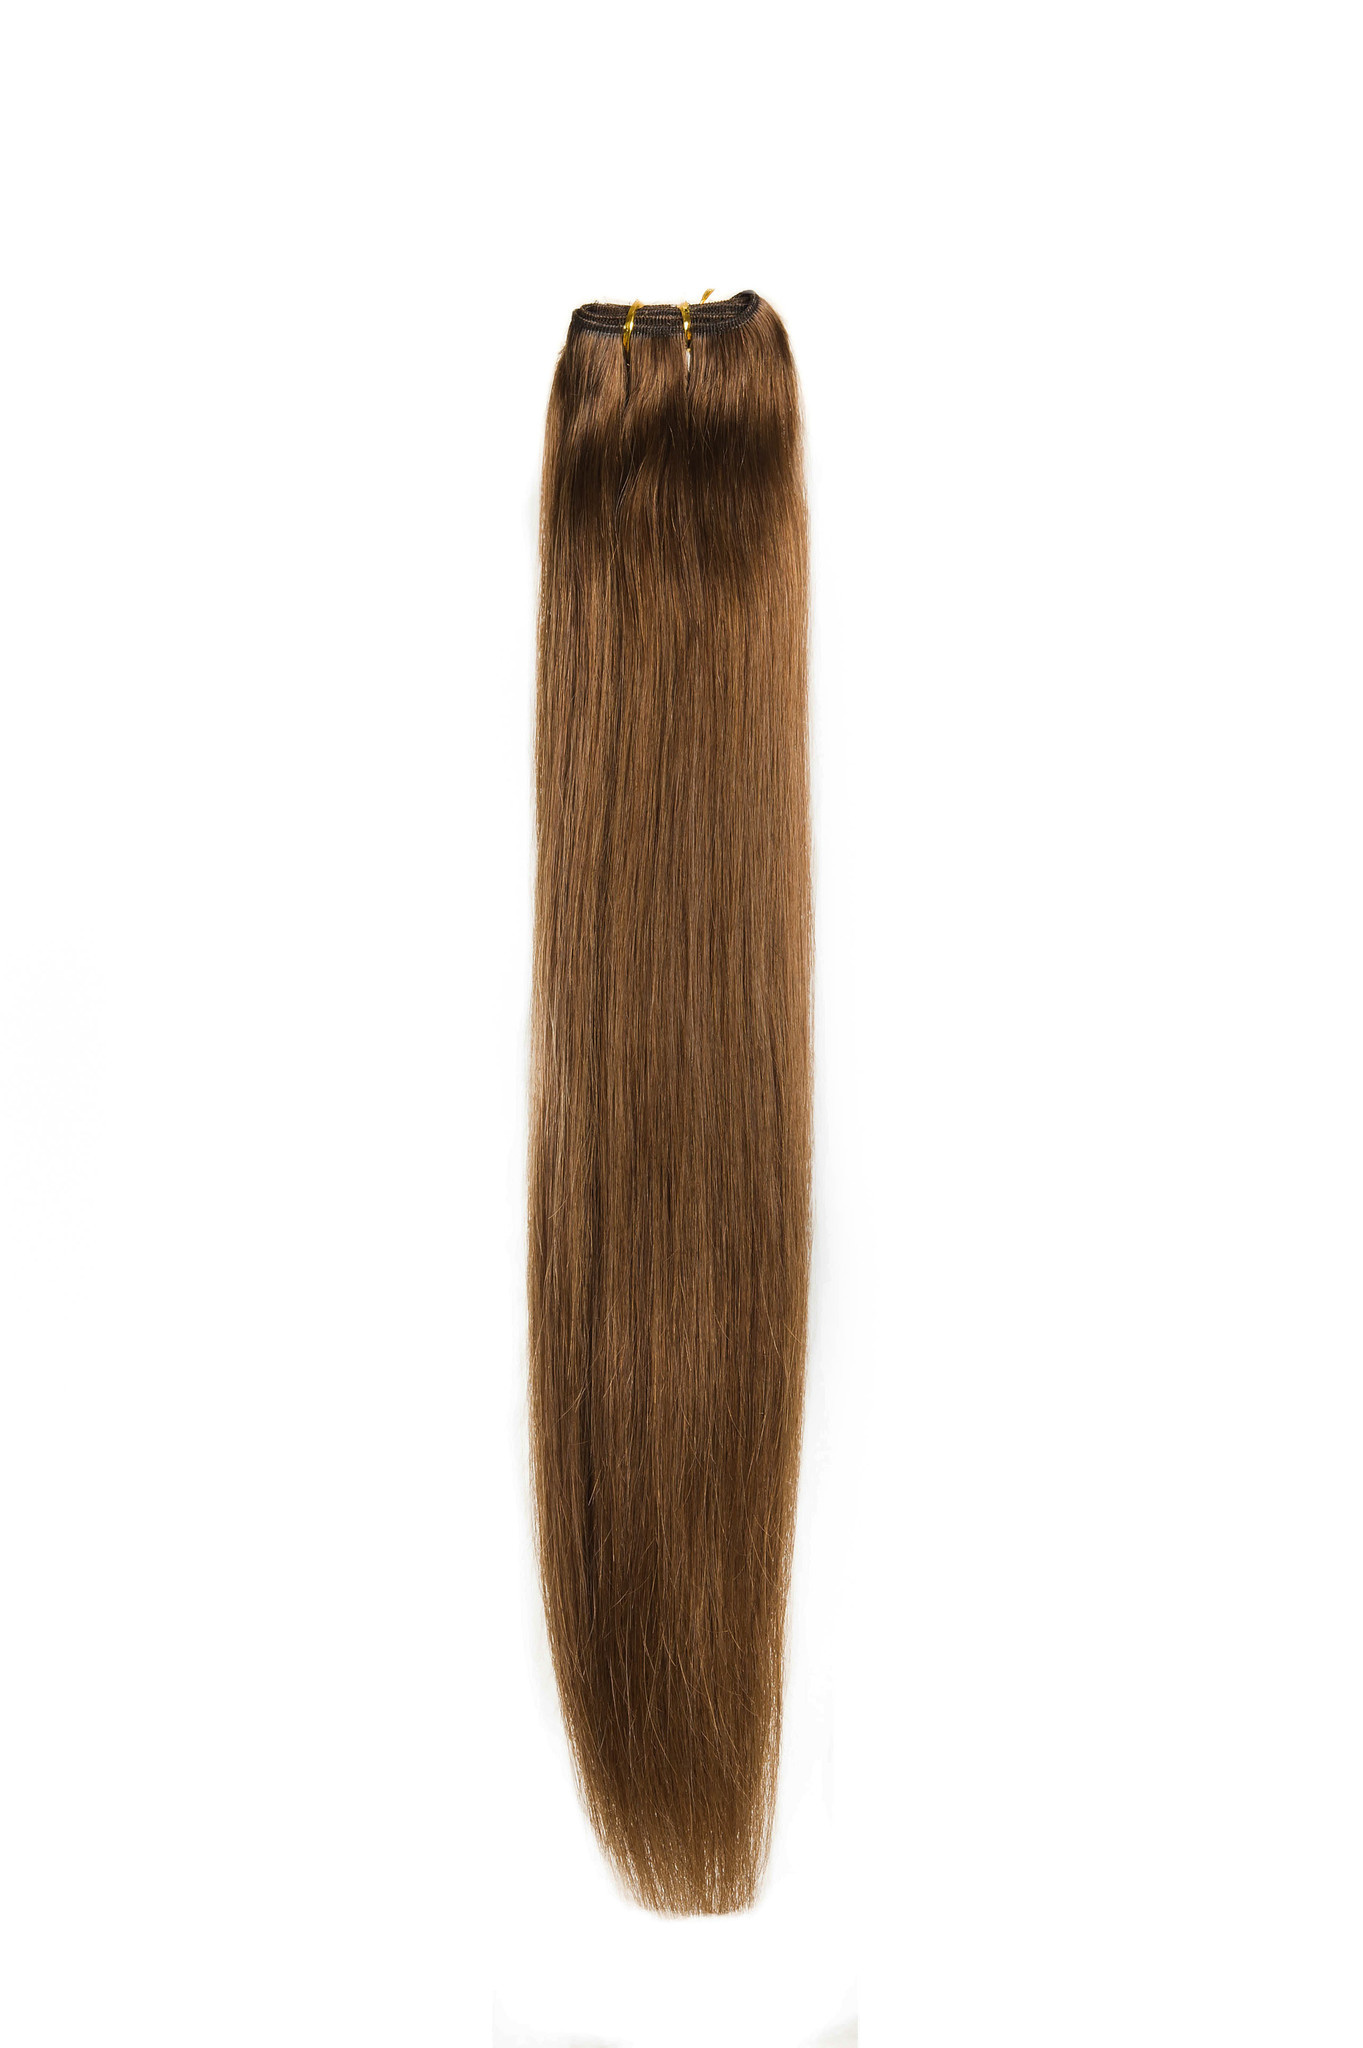 RedFox Weave - #27 Dark Blonde